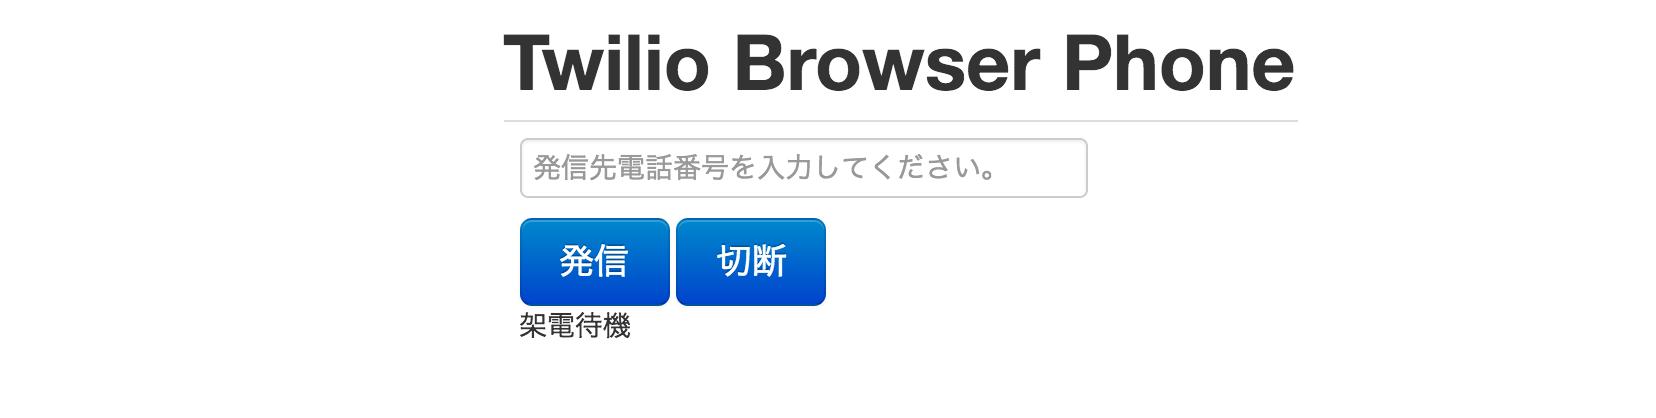 スクリーンショット 2015-08-19 16.45.50.png